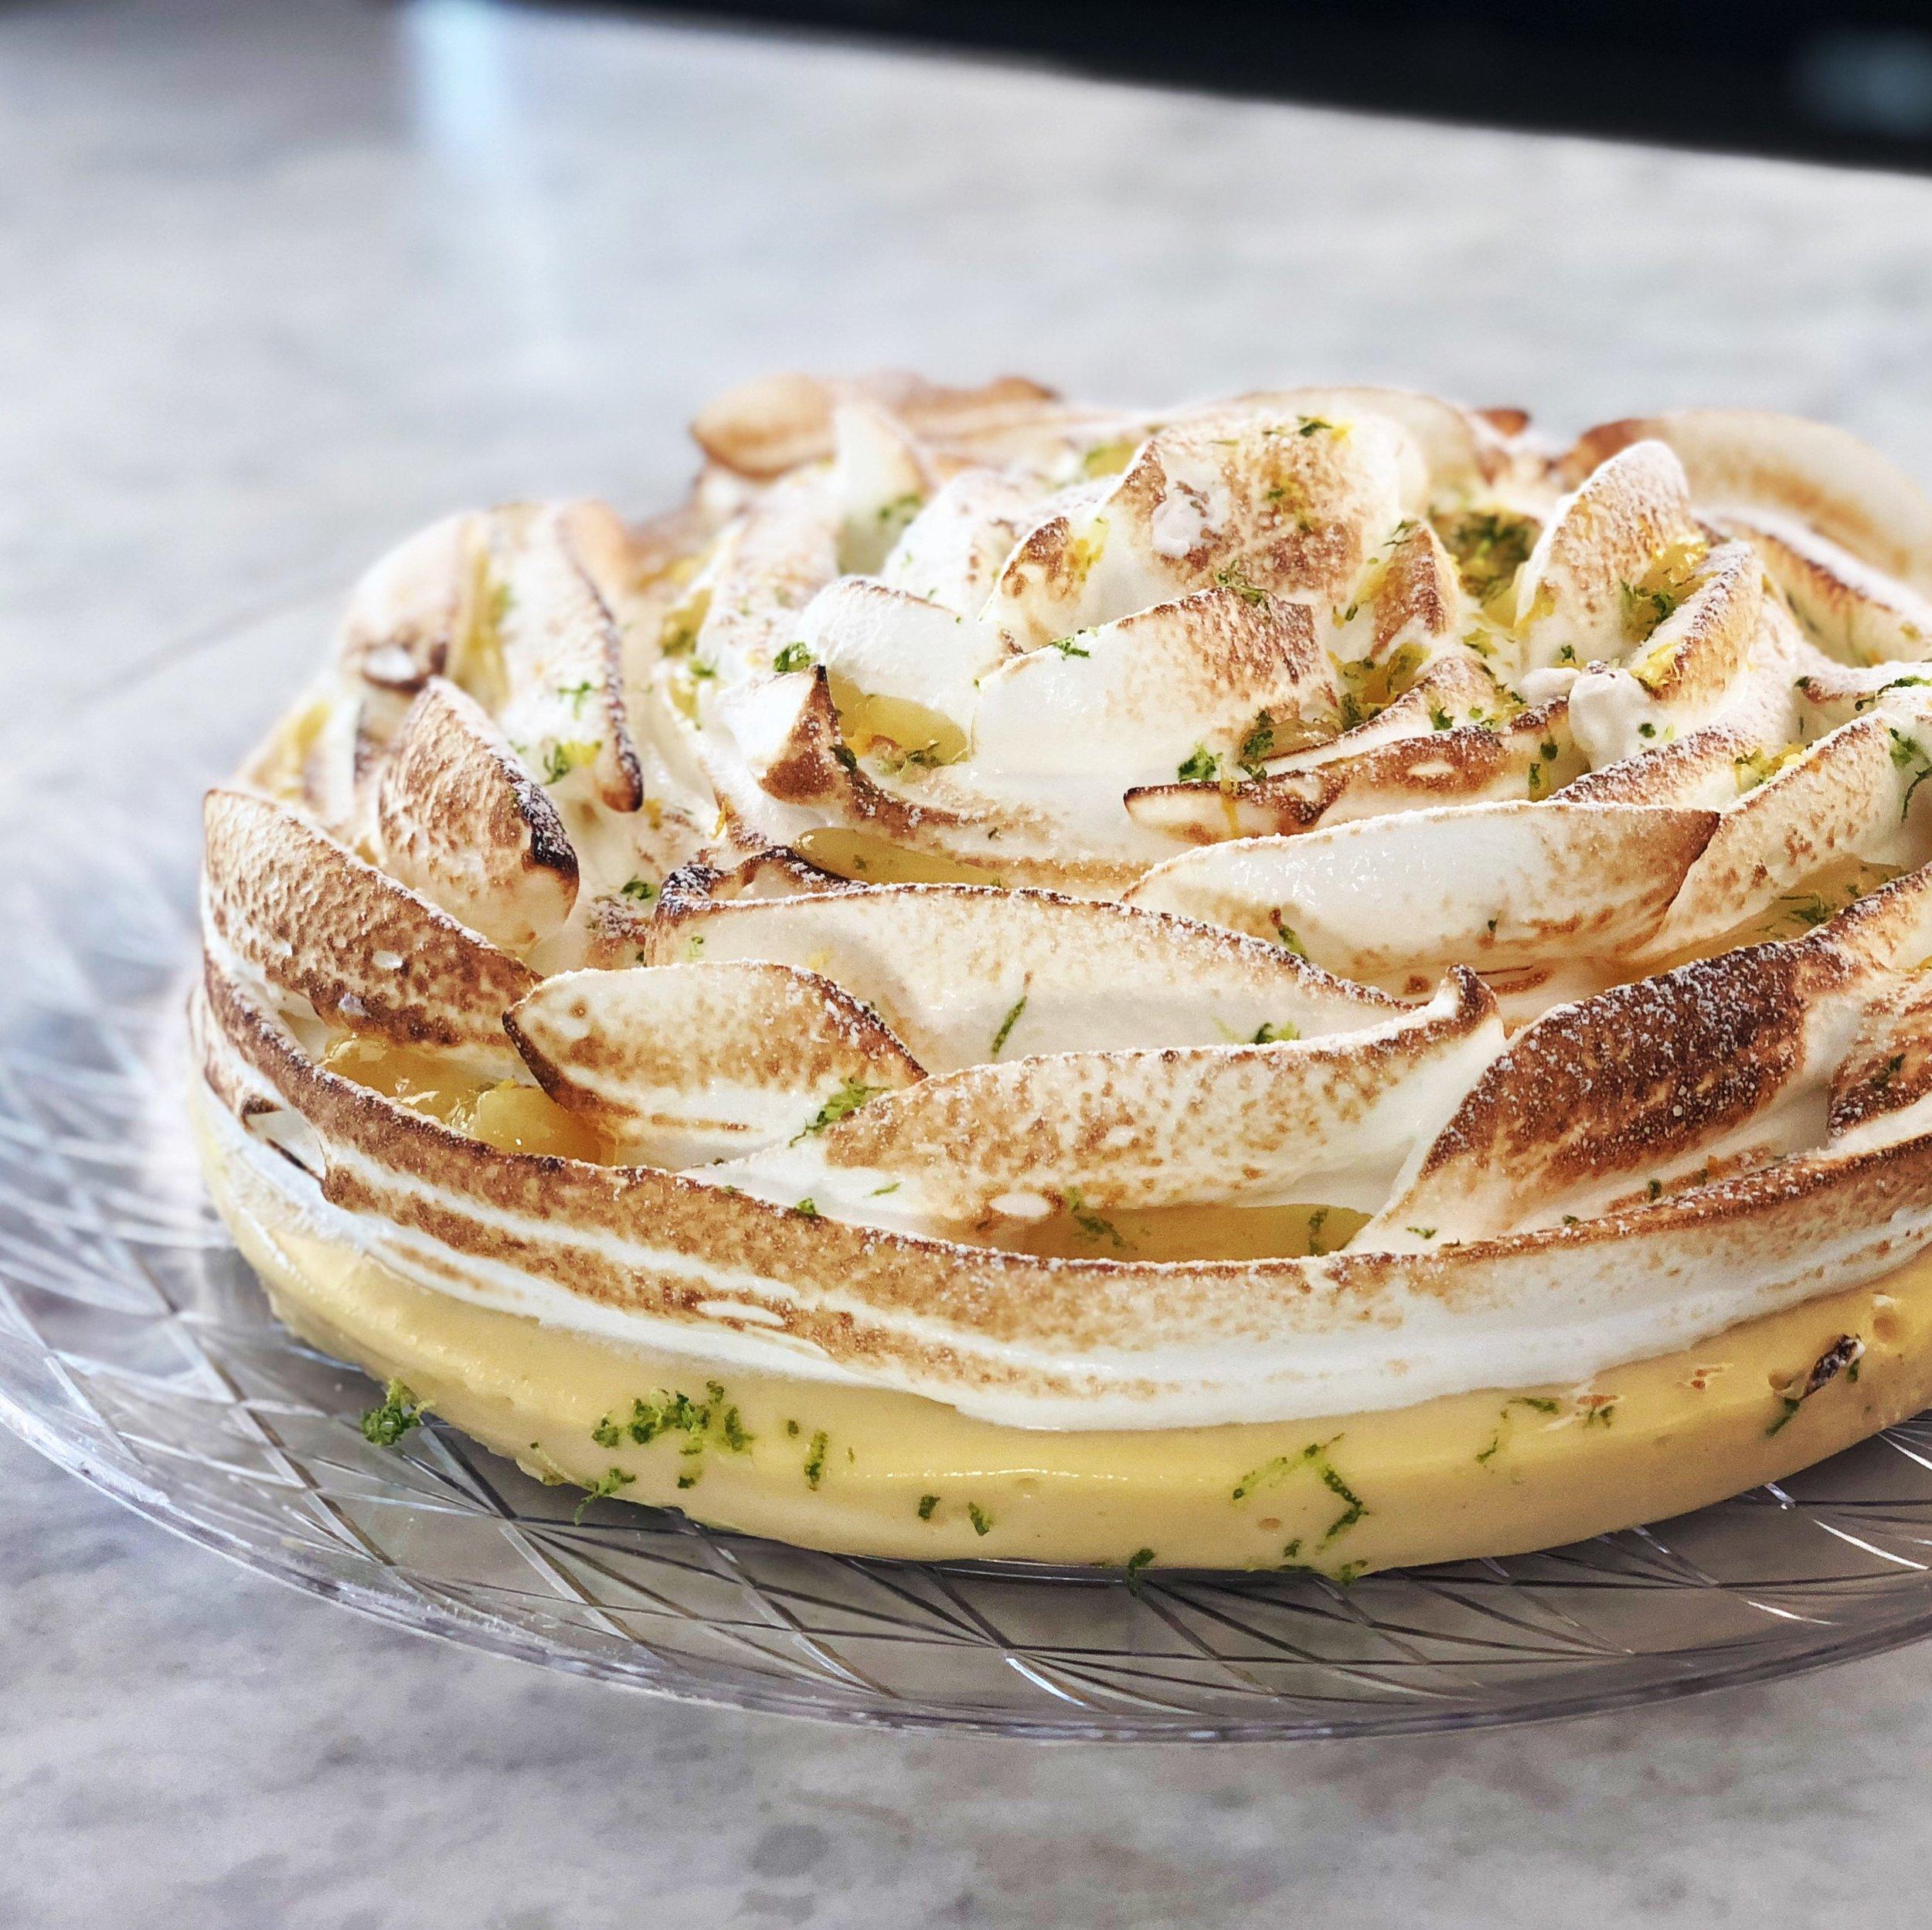 Our Lemon Meringue Pie at Houston White Co.